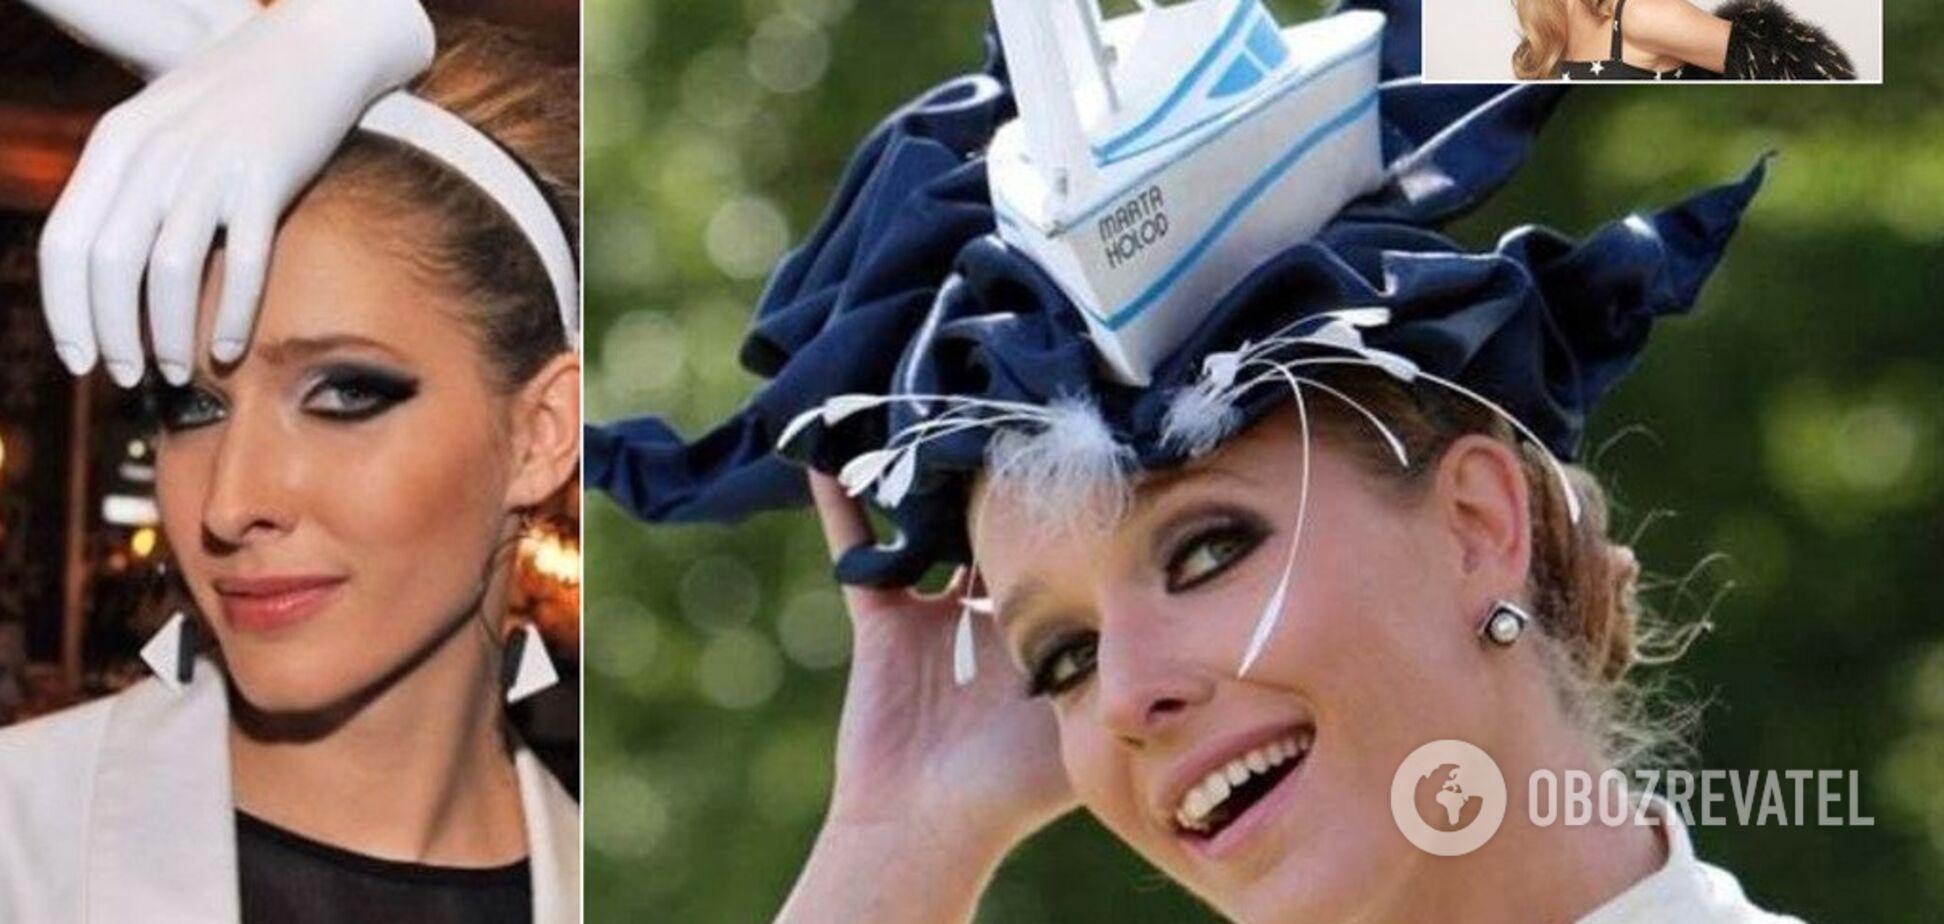 Катя Осадча святкує день народження: добірка з найнезвичайніших капелюхів телеведучої